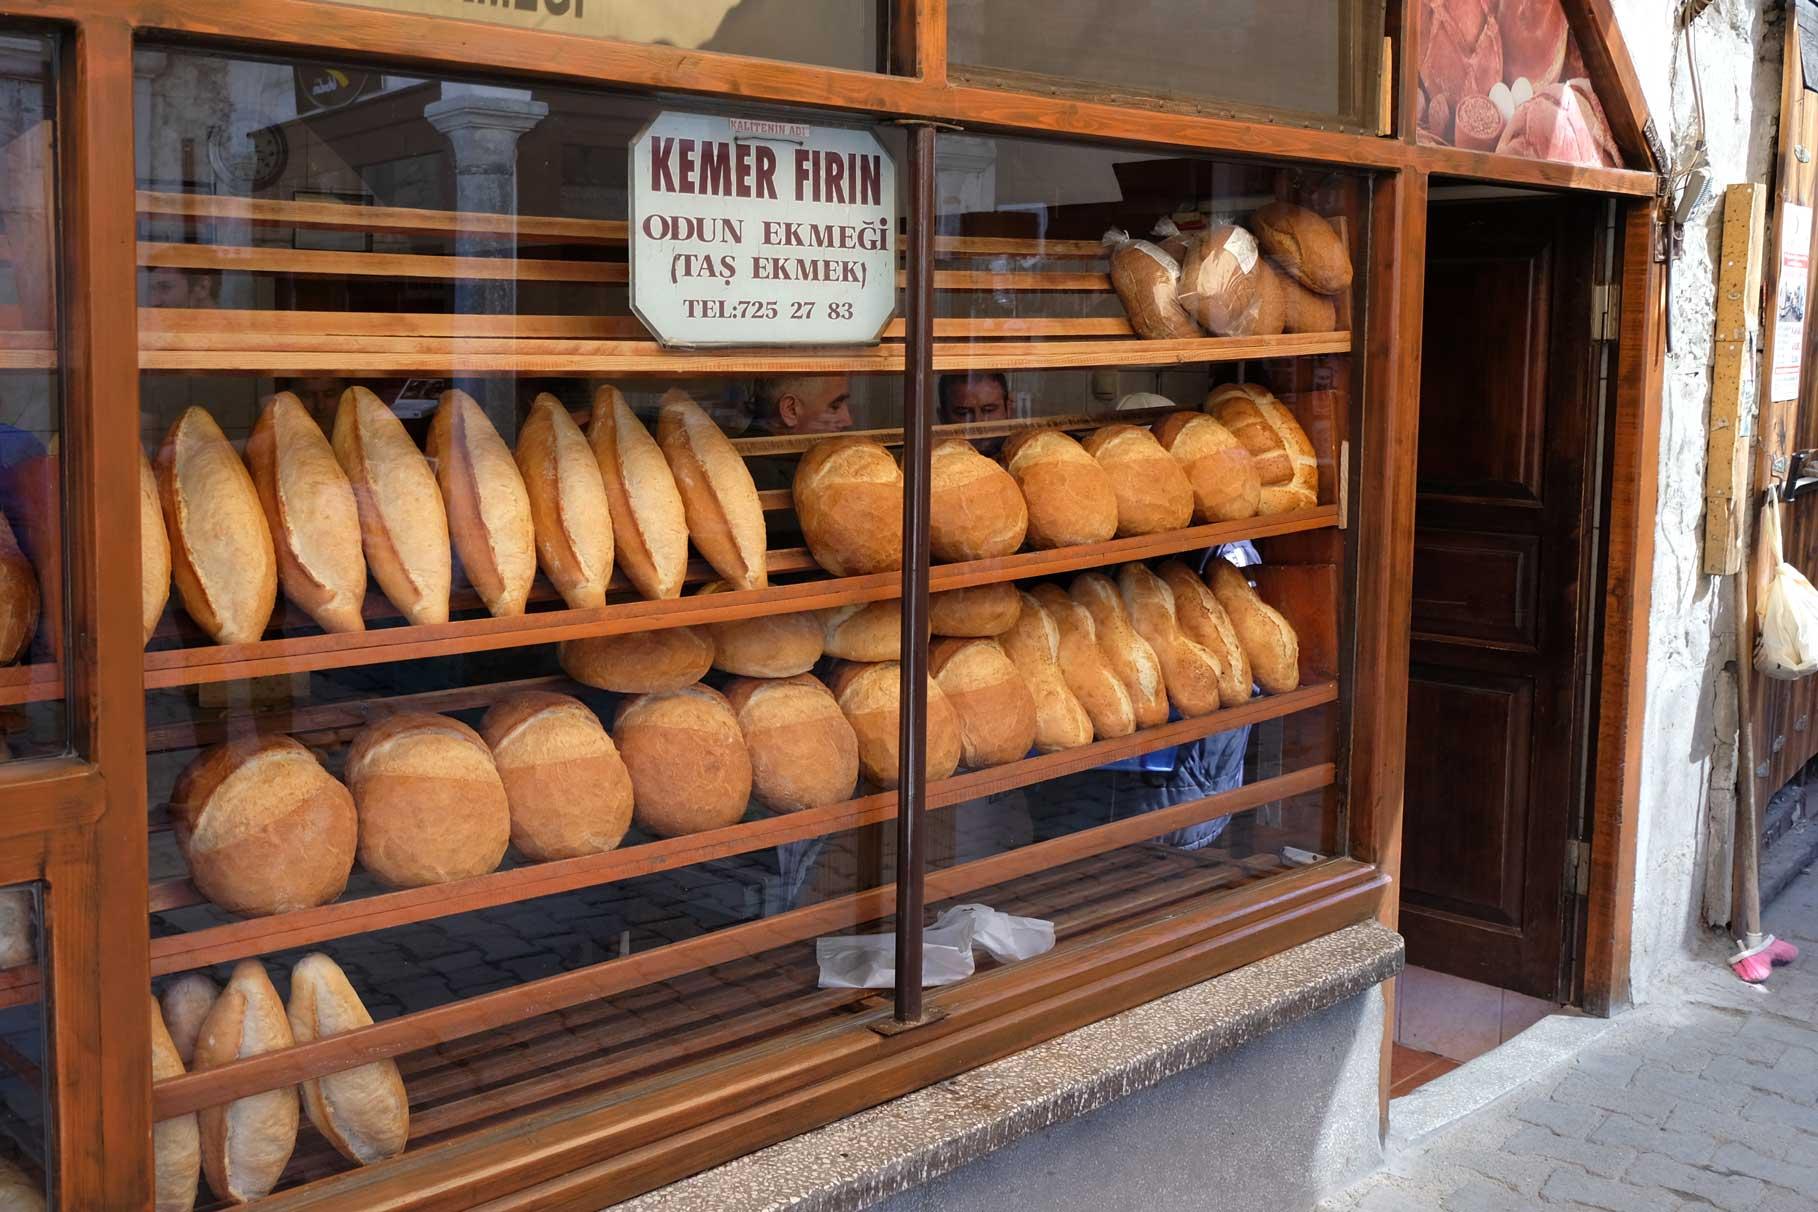 Frisches Brot (Ekmek) in der Auslage der Bäckerei